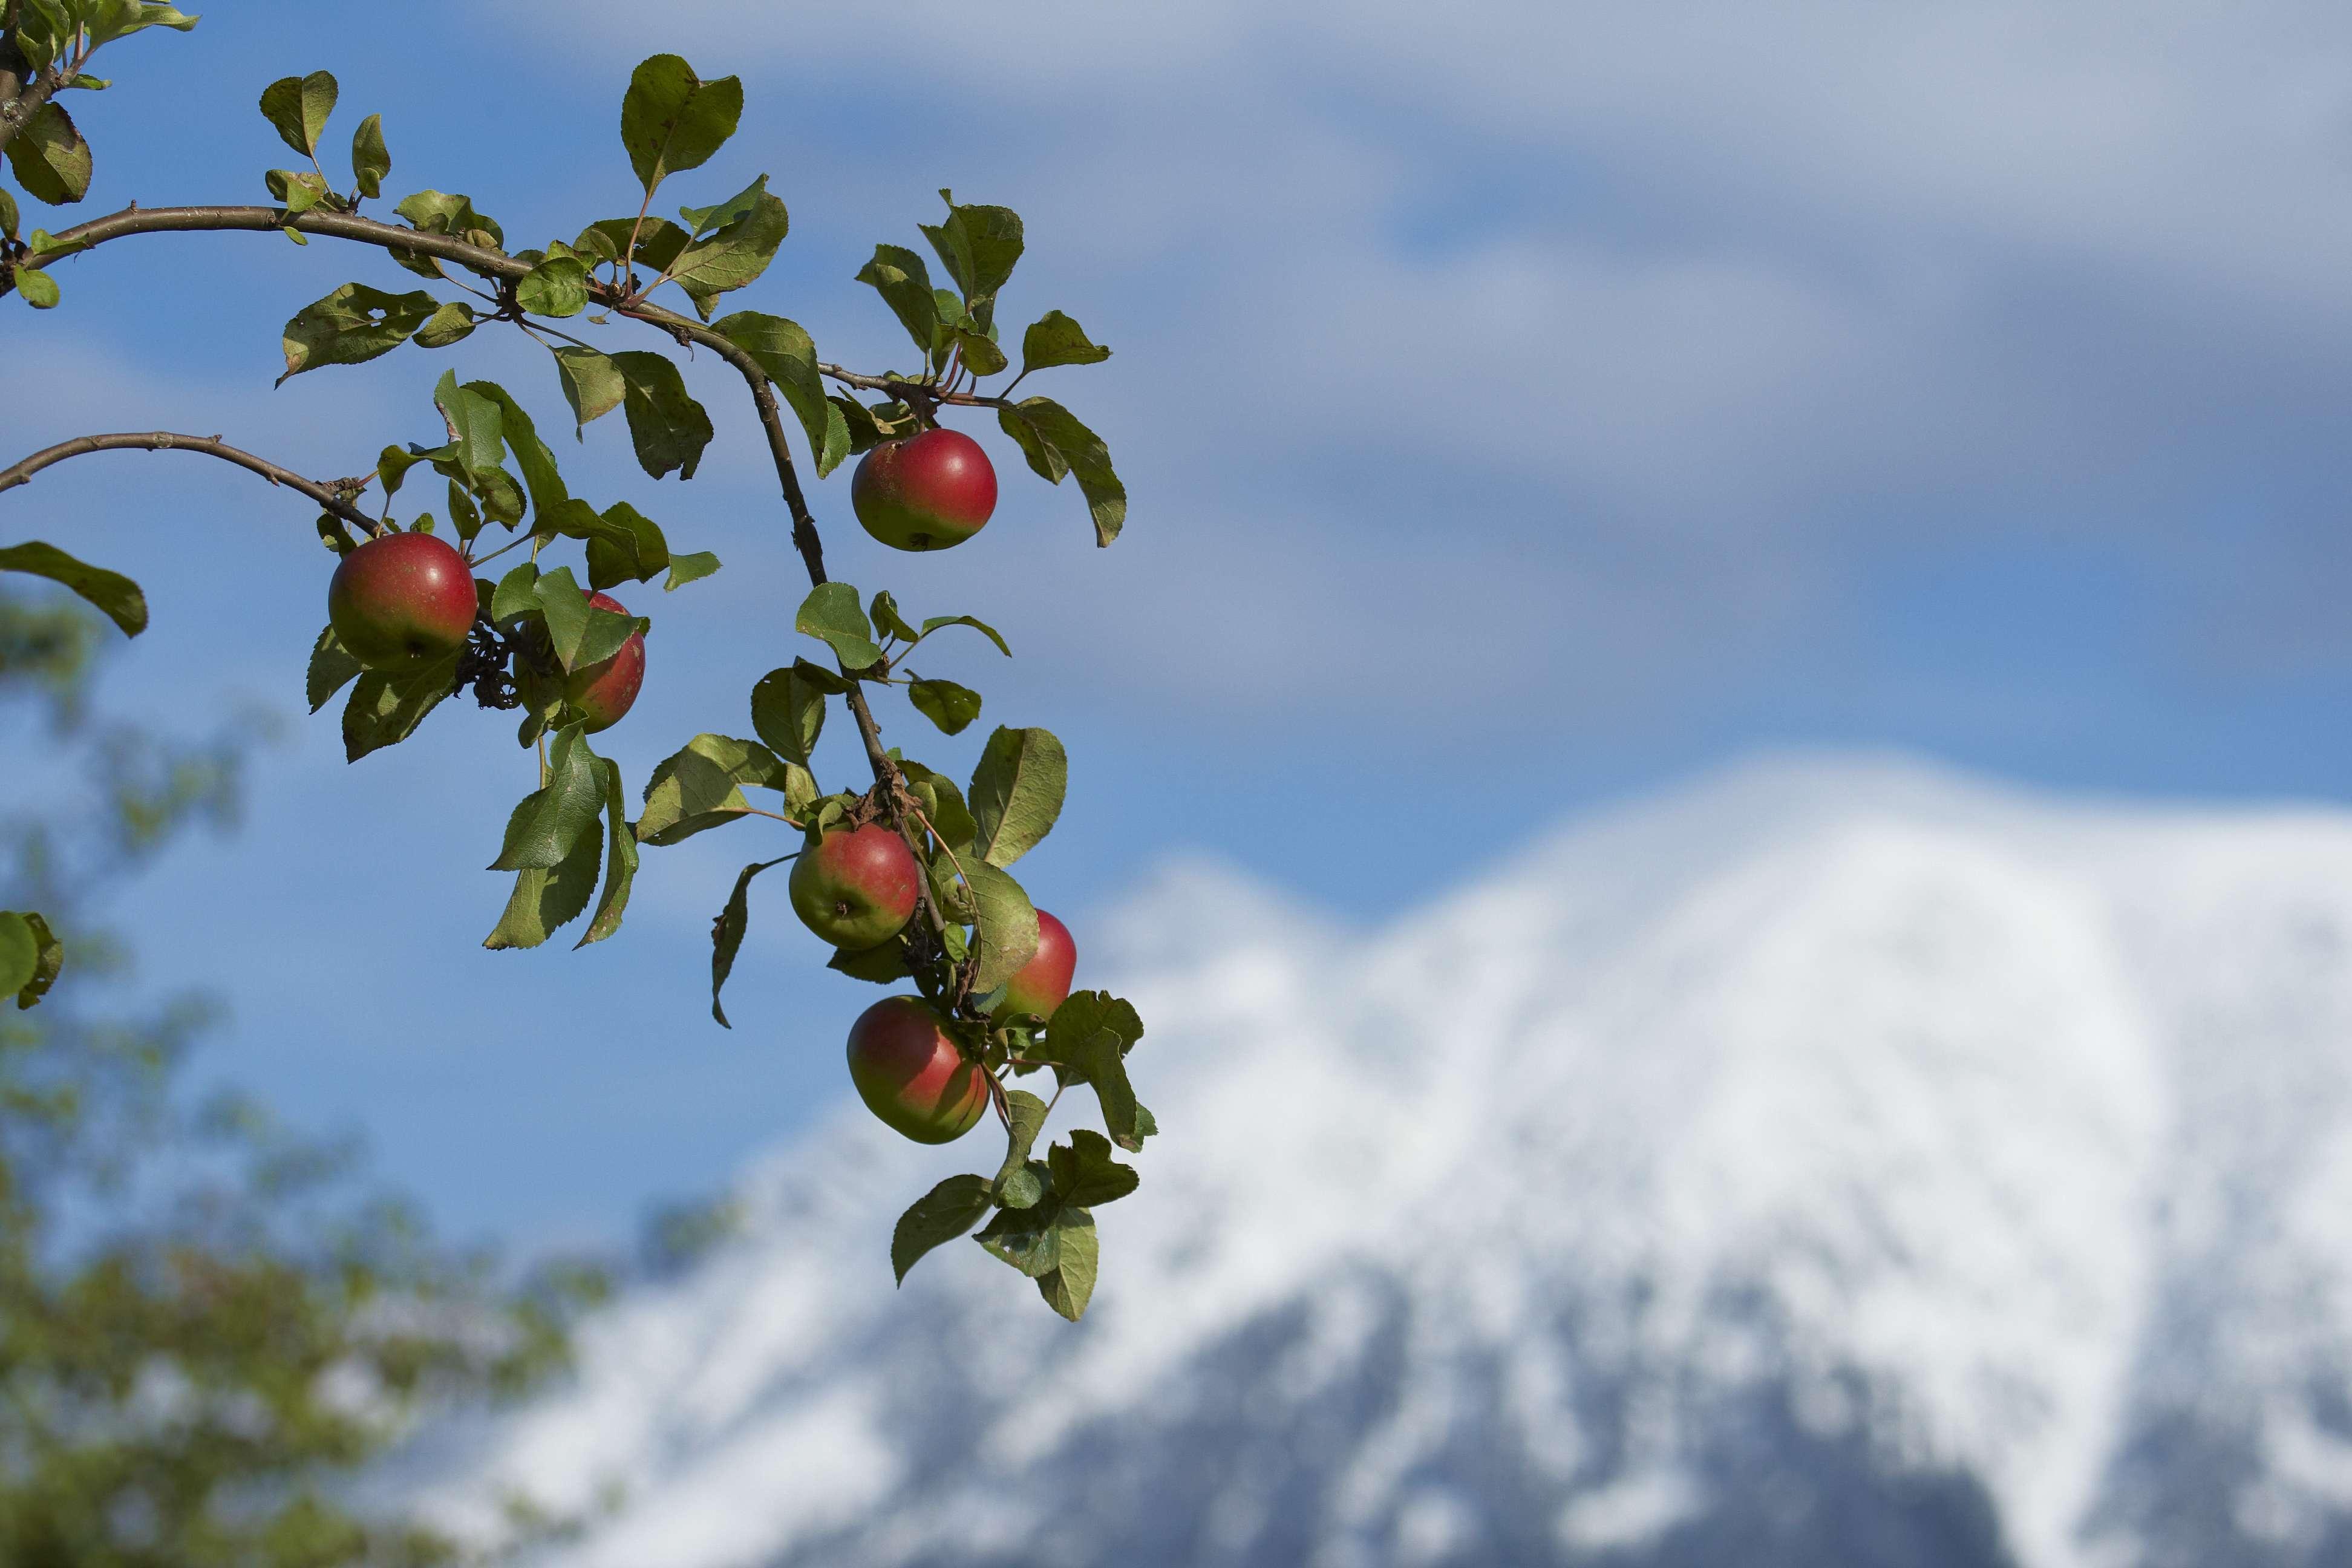 036_Herbstlandschaft Oetscher_erster Schnee_Apfelbaeume